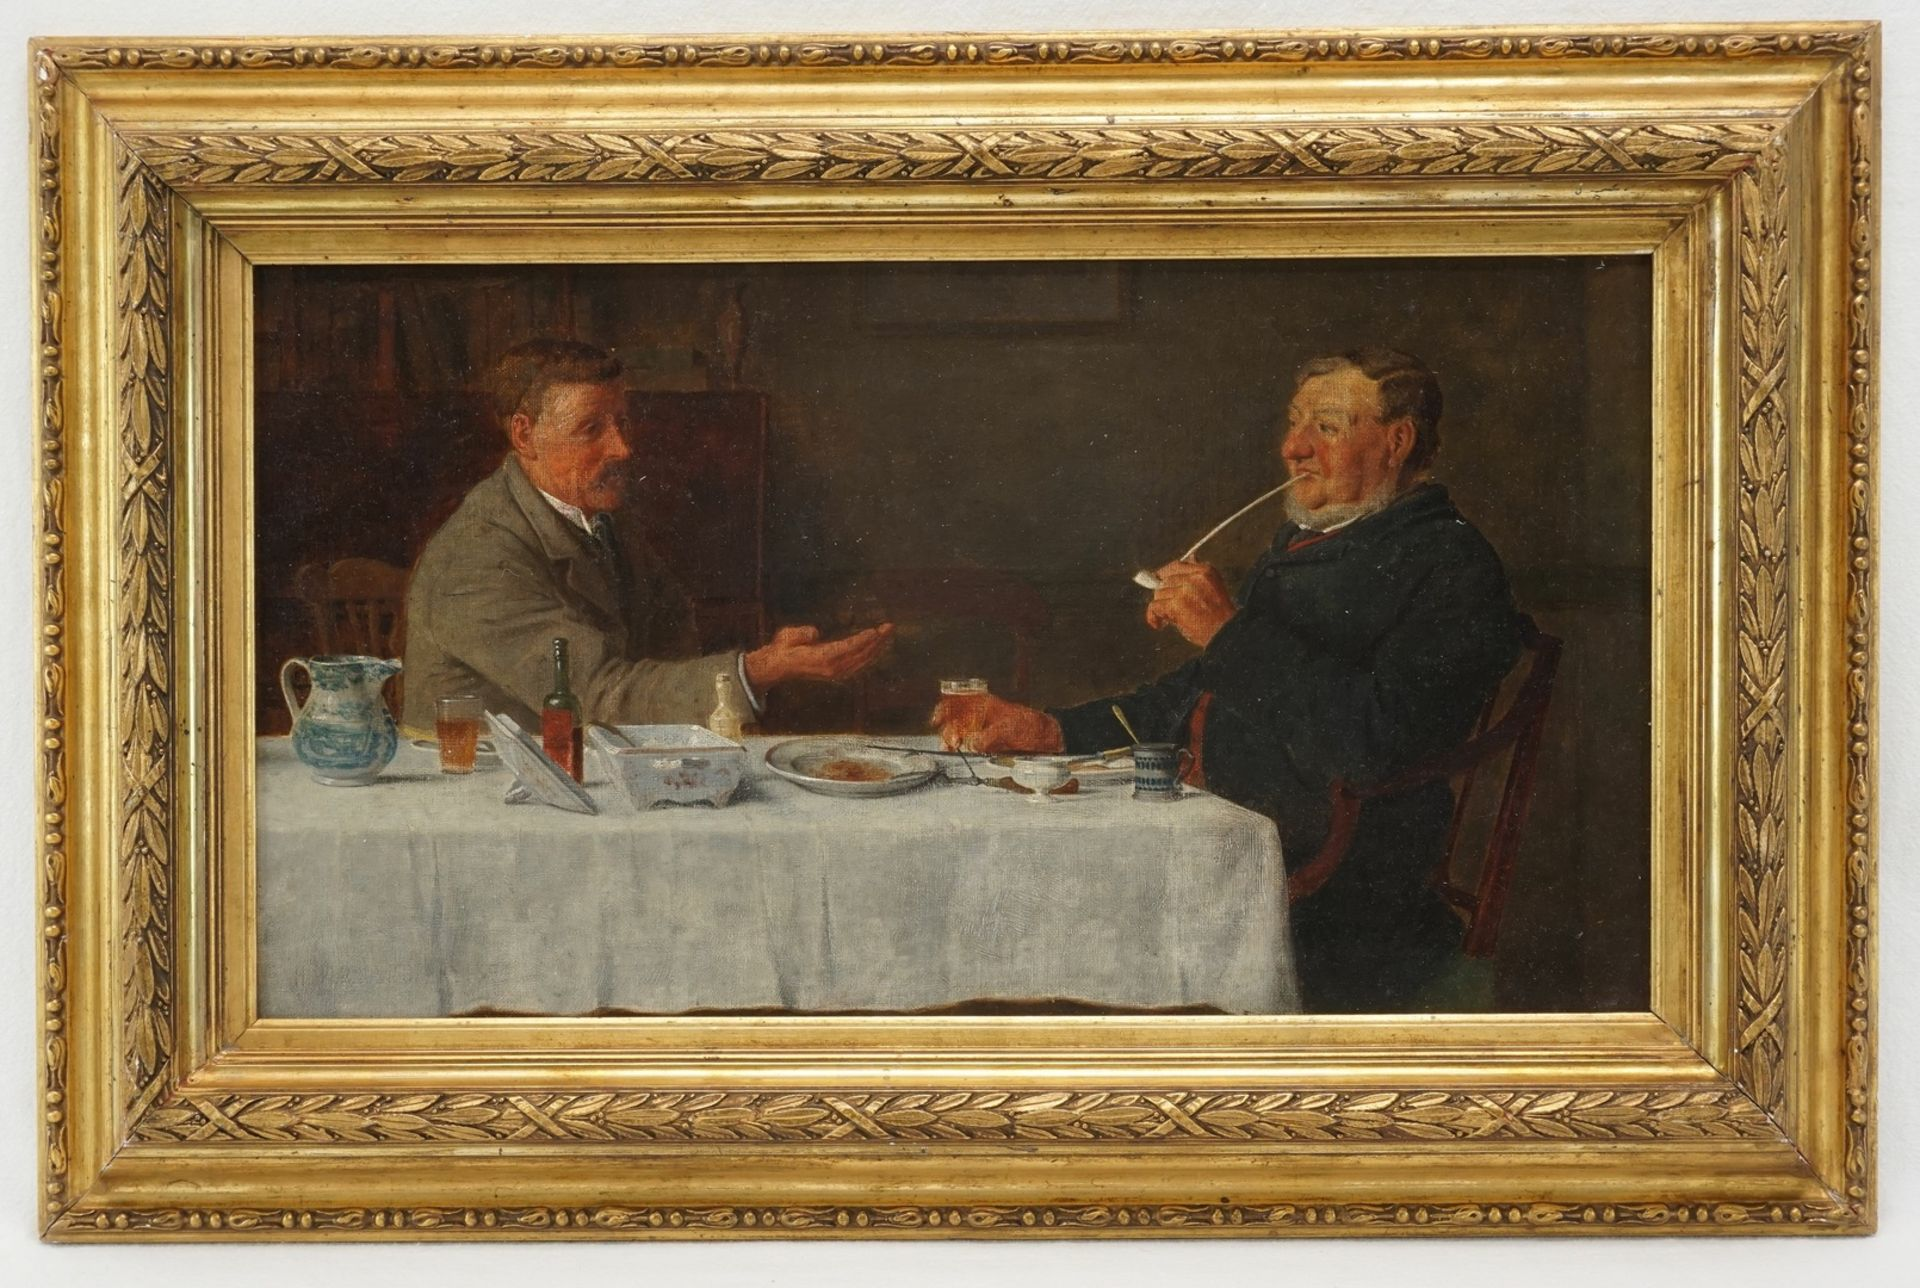 Henry Edward Spernon Tozer, Herrenrunde nach dem Abendessen - Bild 2 aus 5